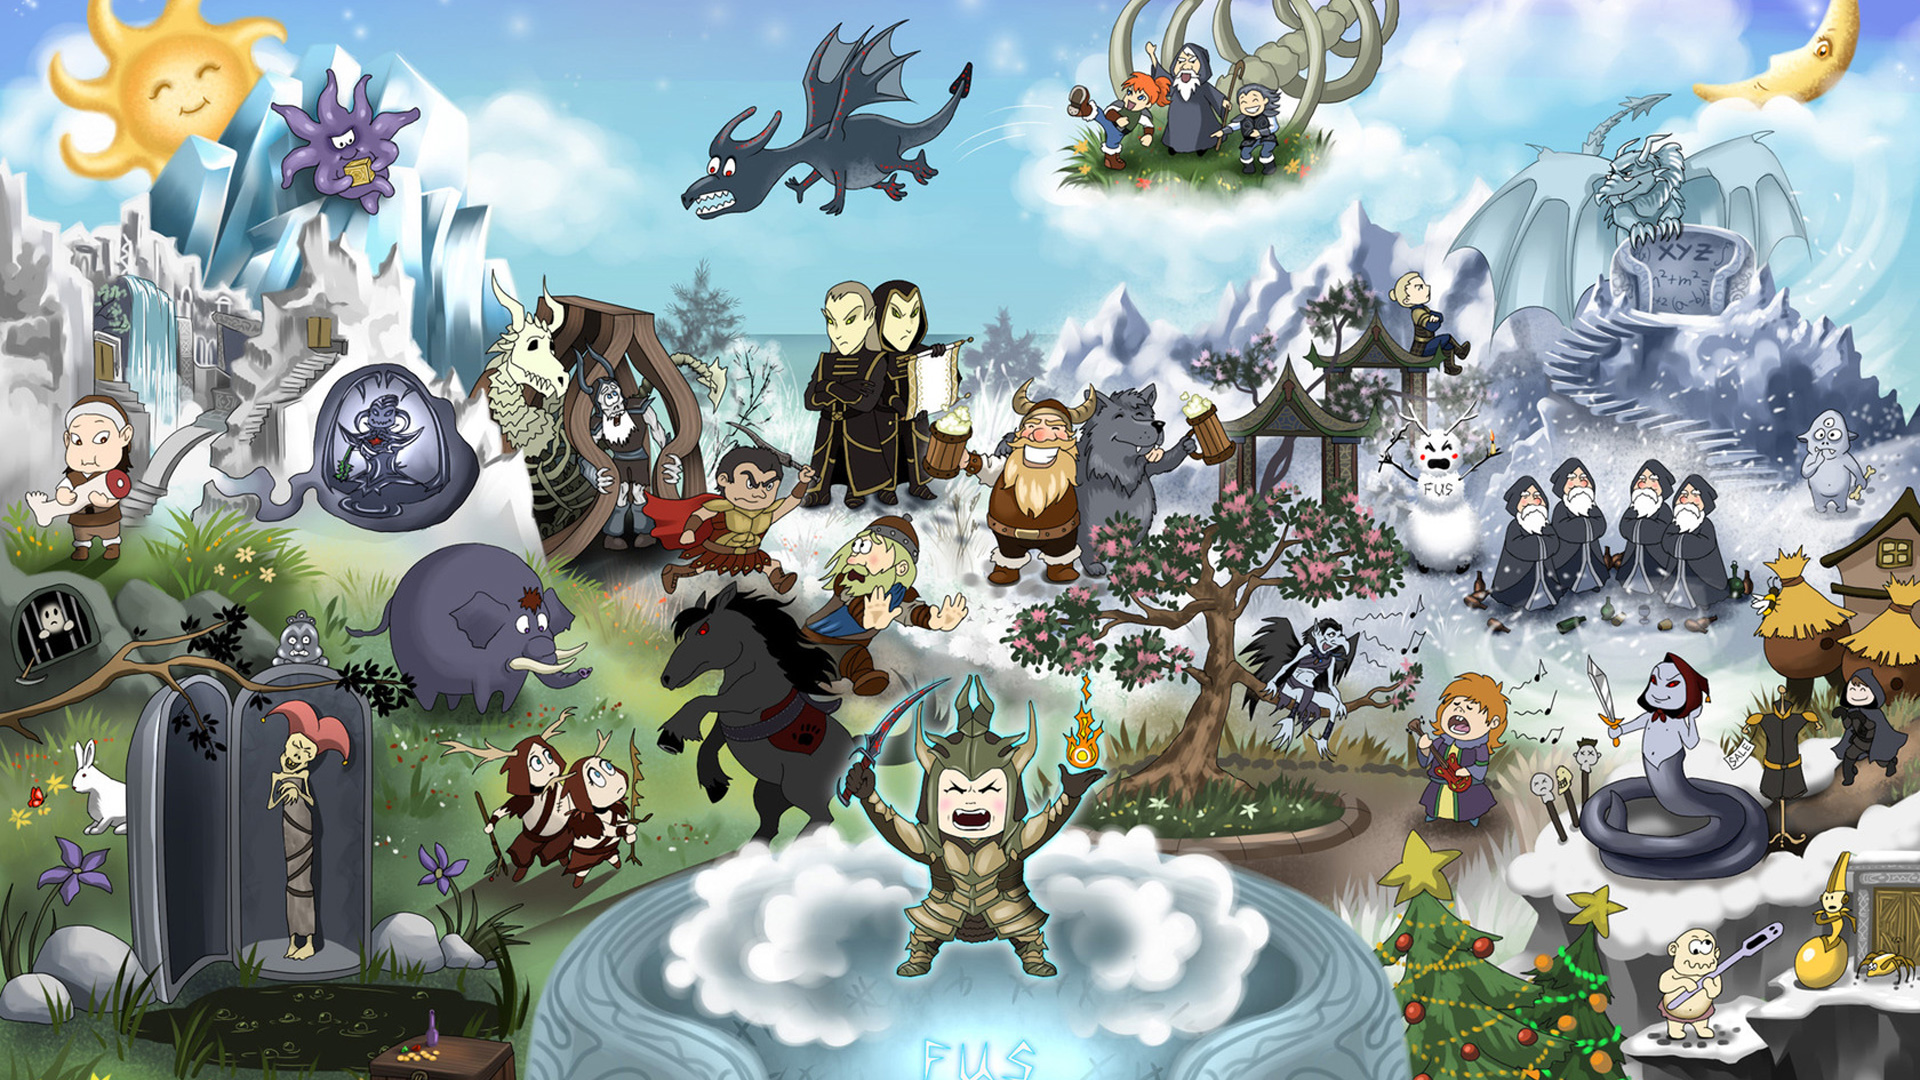 Skyrim Fan Art Hd Wallpaper